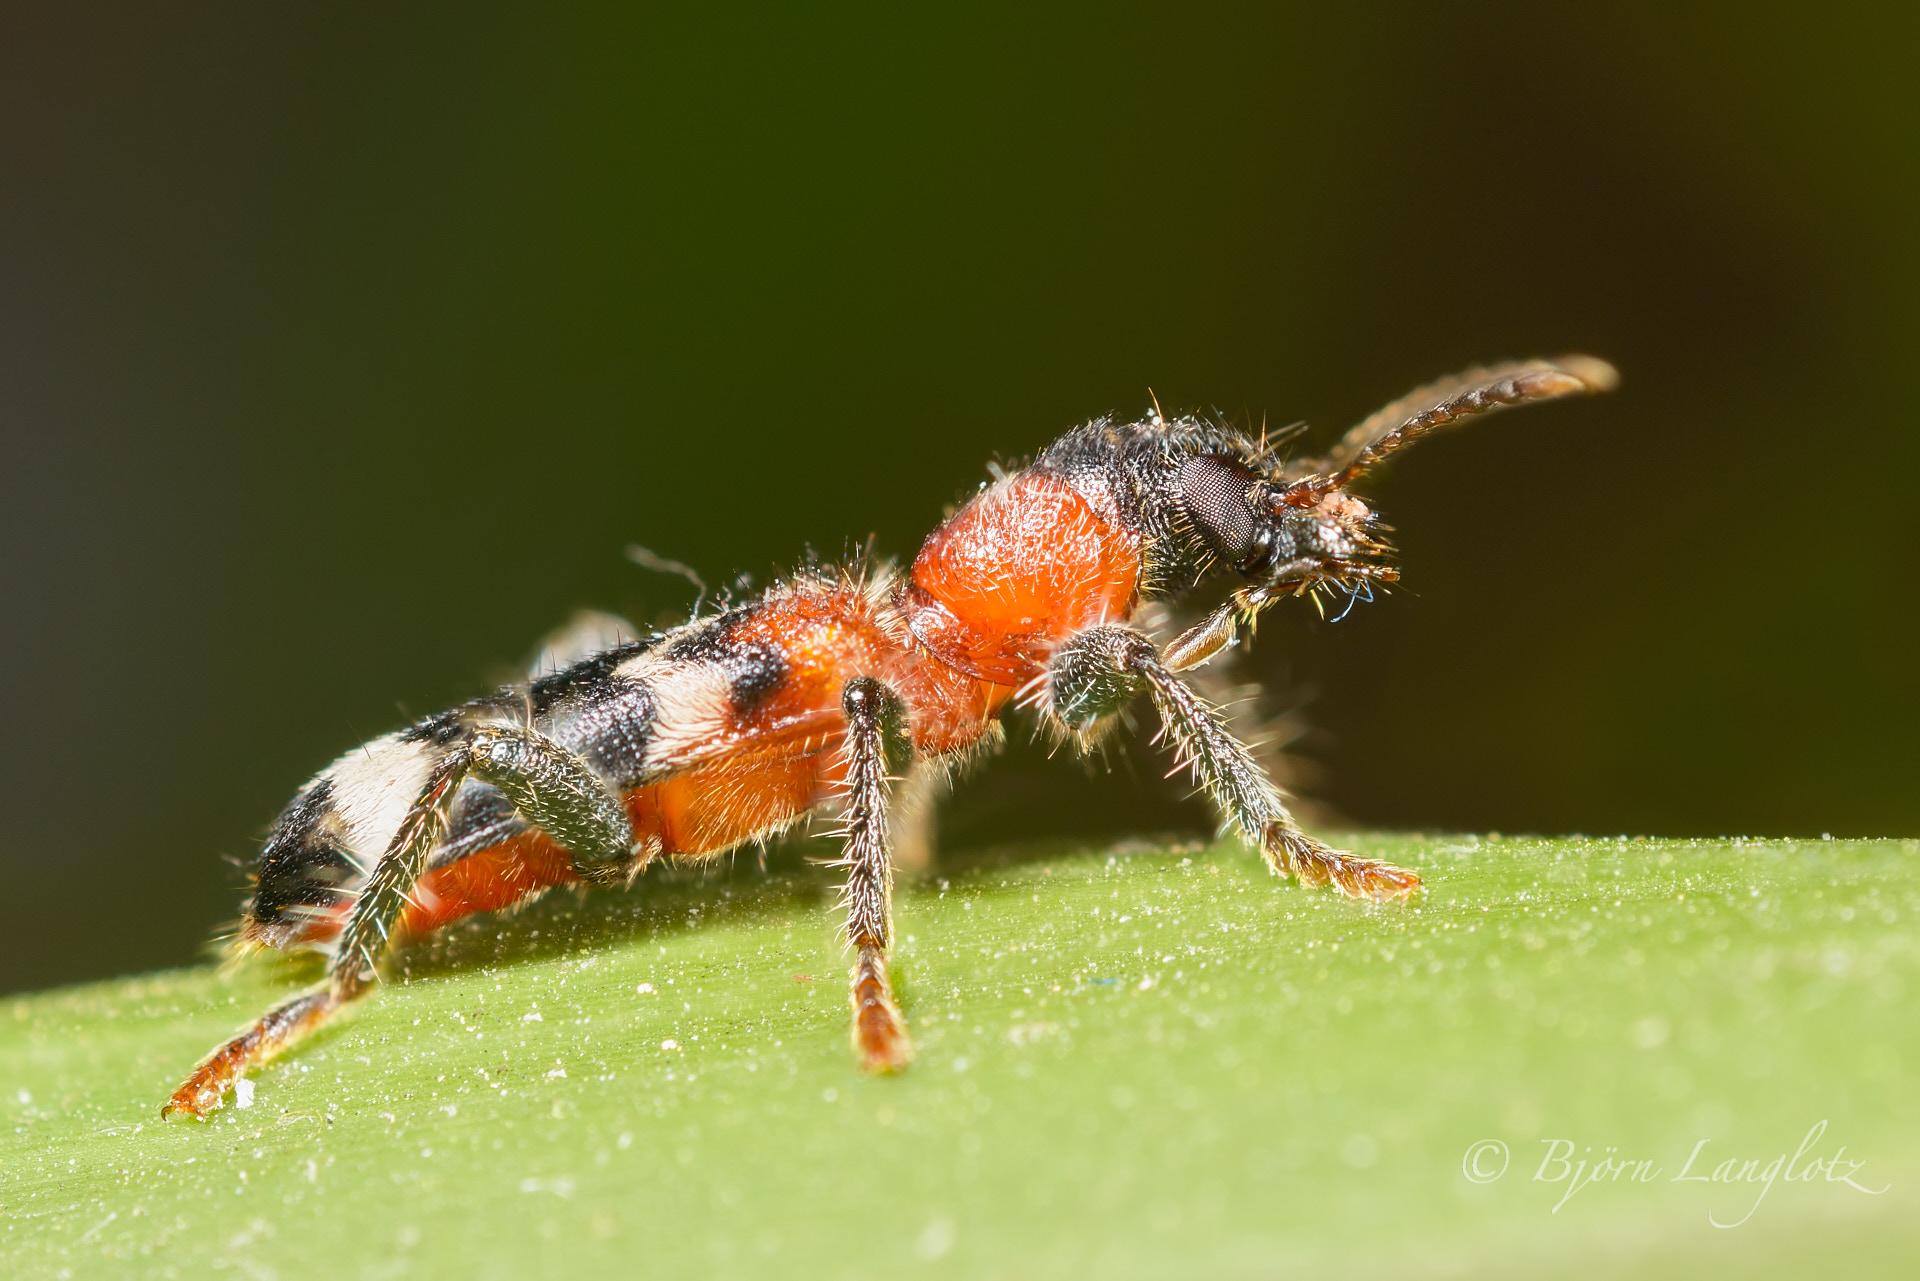 Der Ameisenbuntkäfer (Thanasimus formicarius) auf diesem Naturfoto ist ein wichtiger Nützling, da er Borkenkäfer frisst!Kamera: NIKON D800E Zeiss Luminar II 63 mm1/60 s bei Blende f/4.5